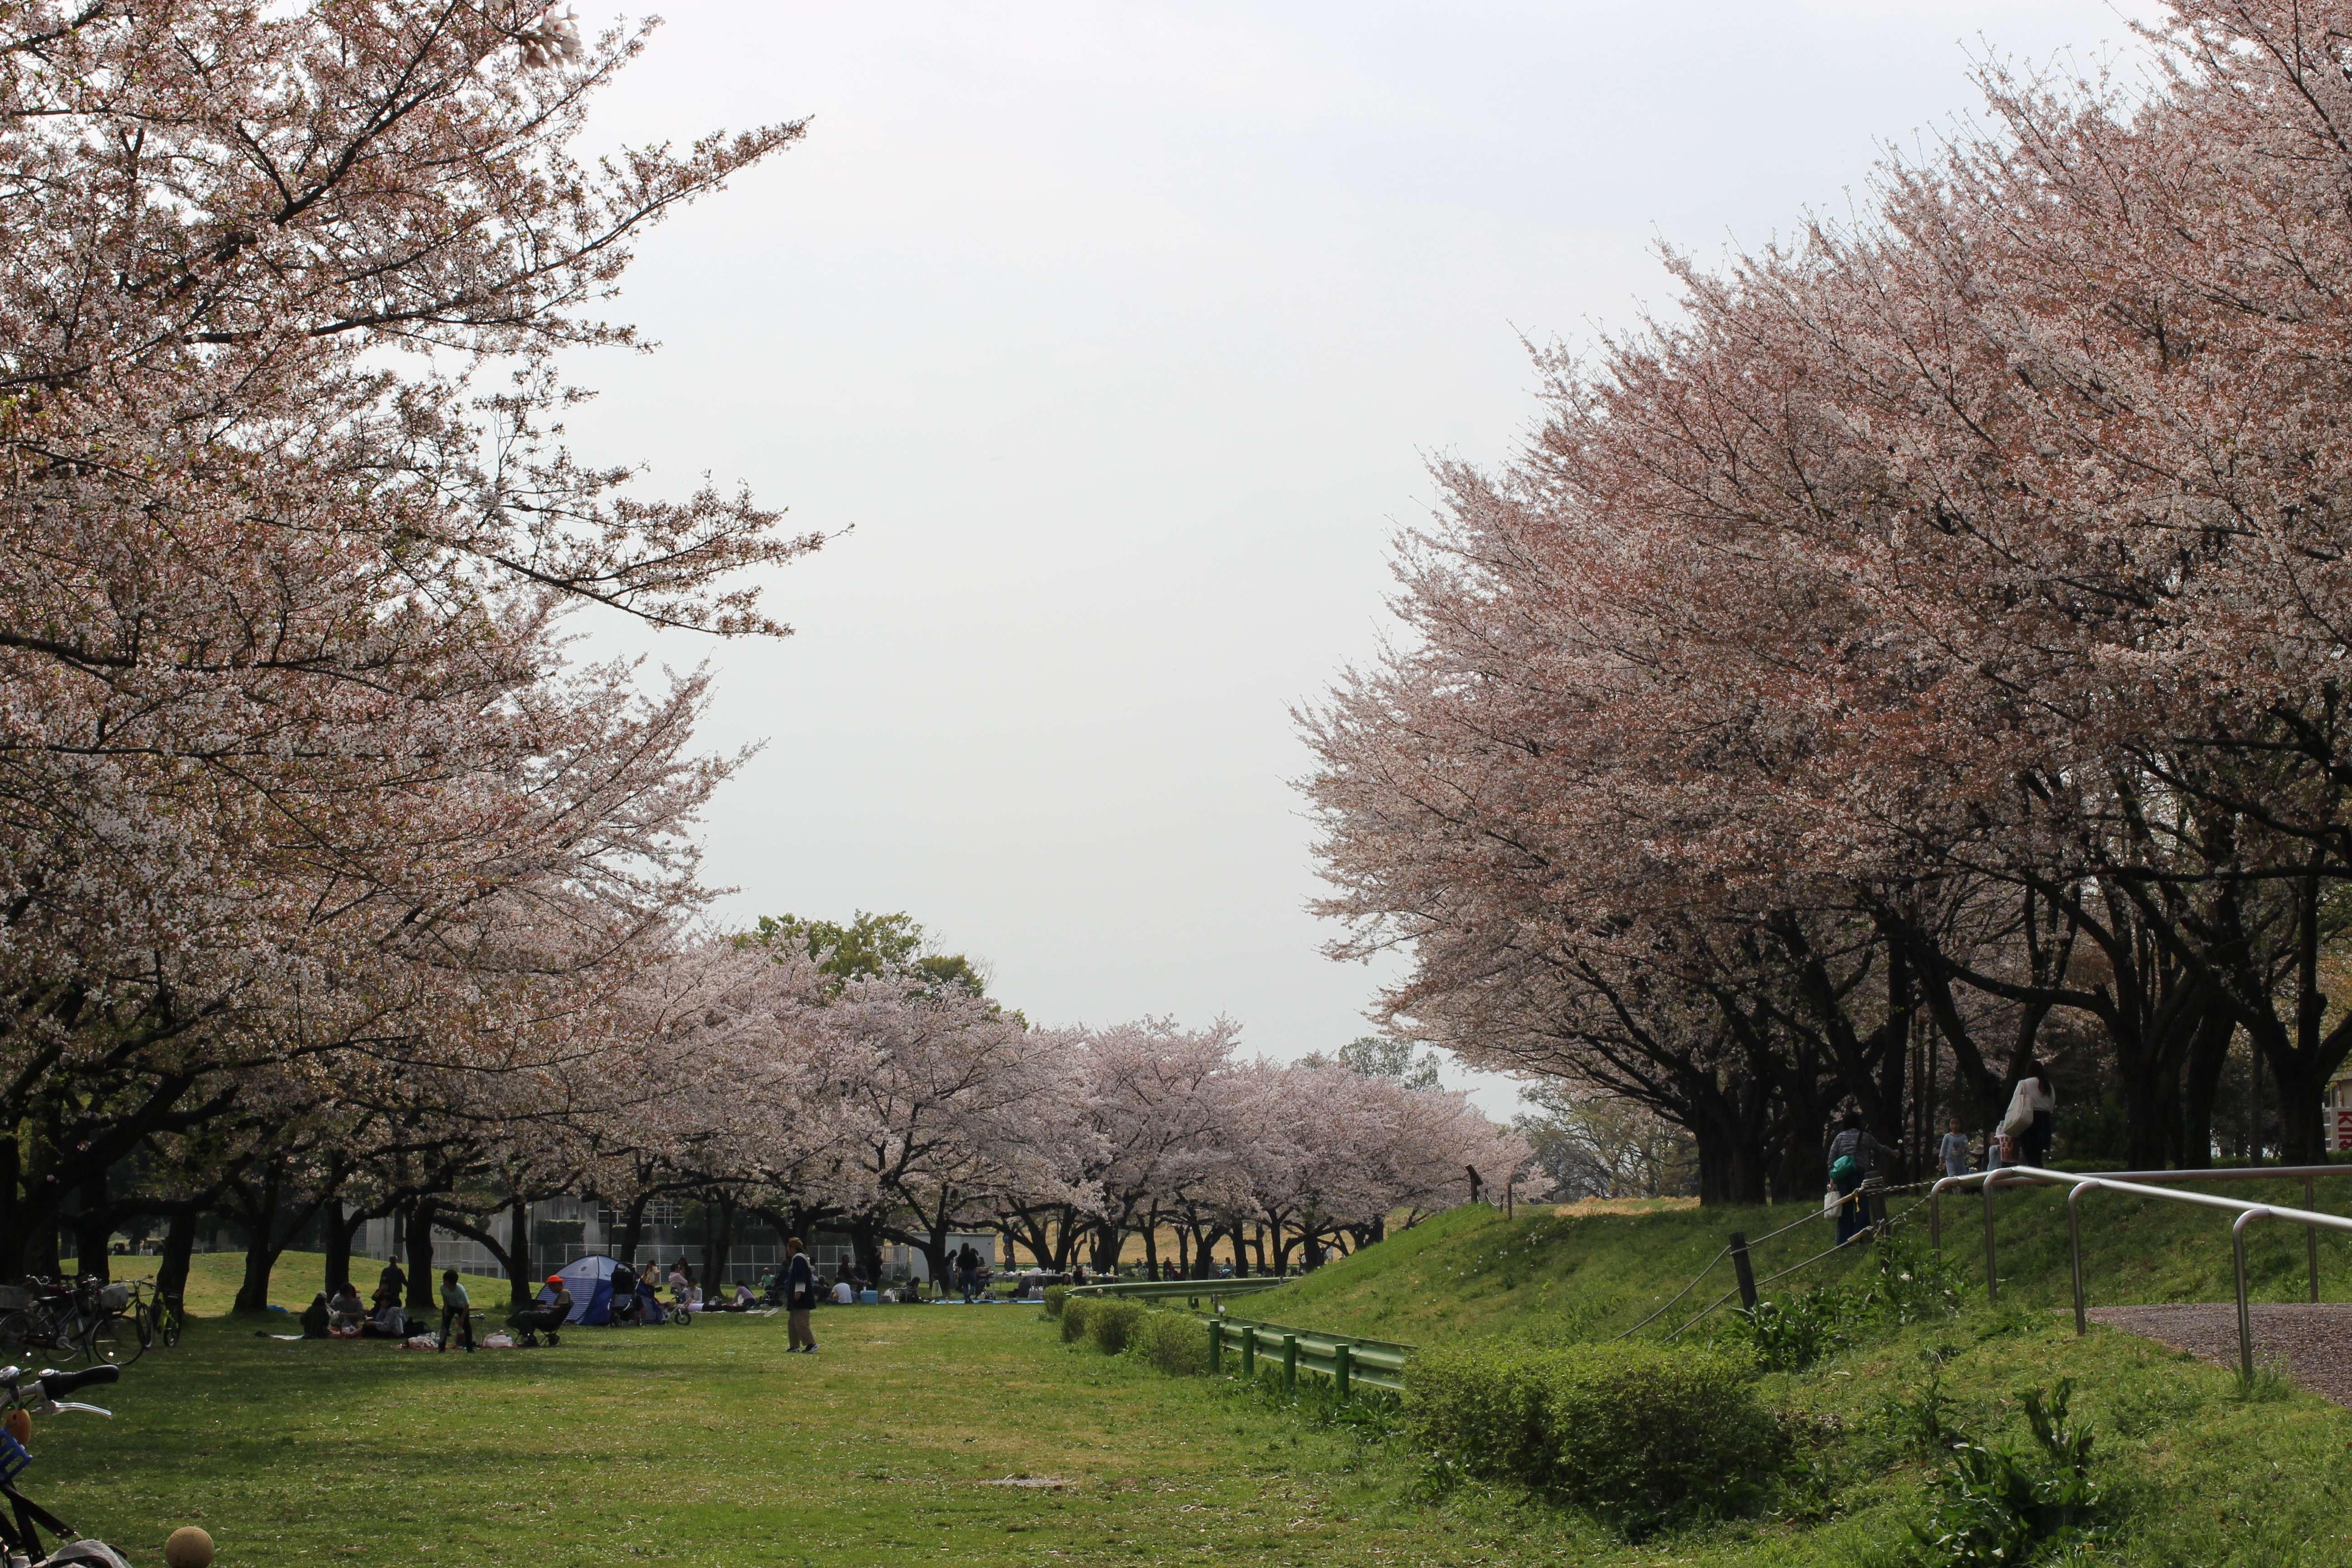 Cherry blossoms at Kawagoe Water park